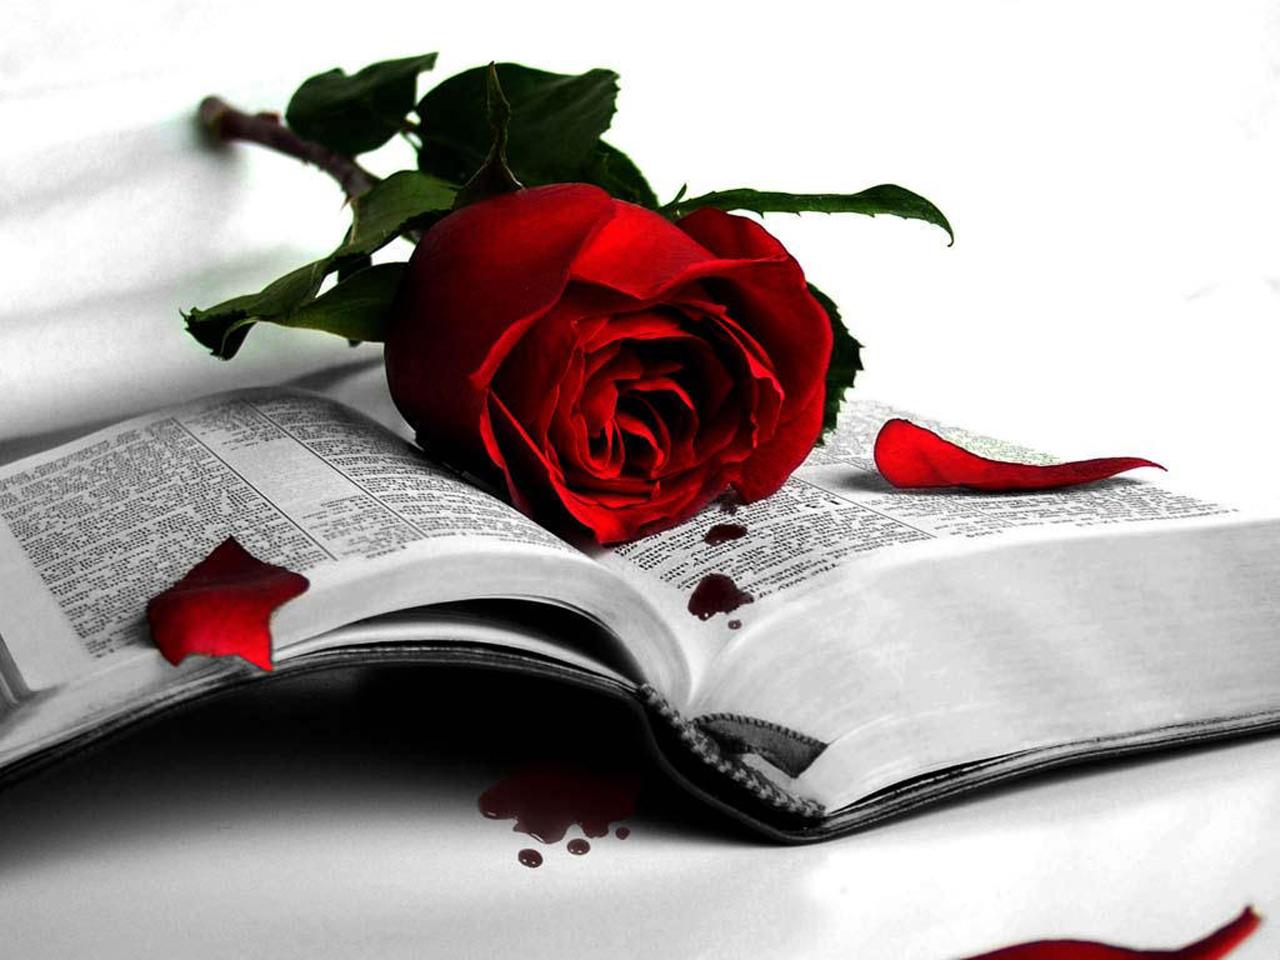 красная роза на книжке, скачать фото, обои для рабочего стола